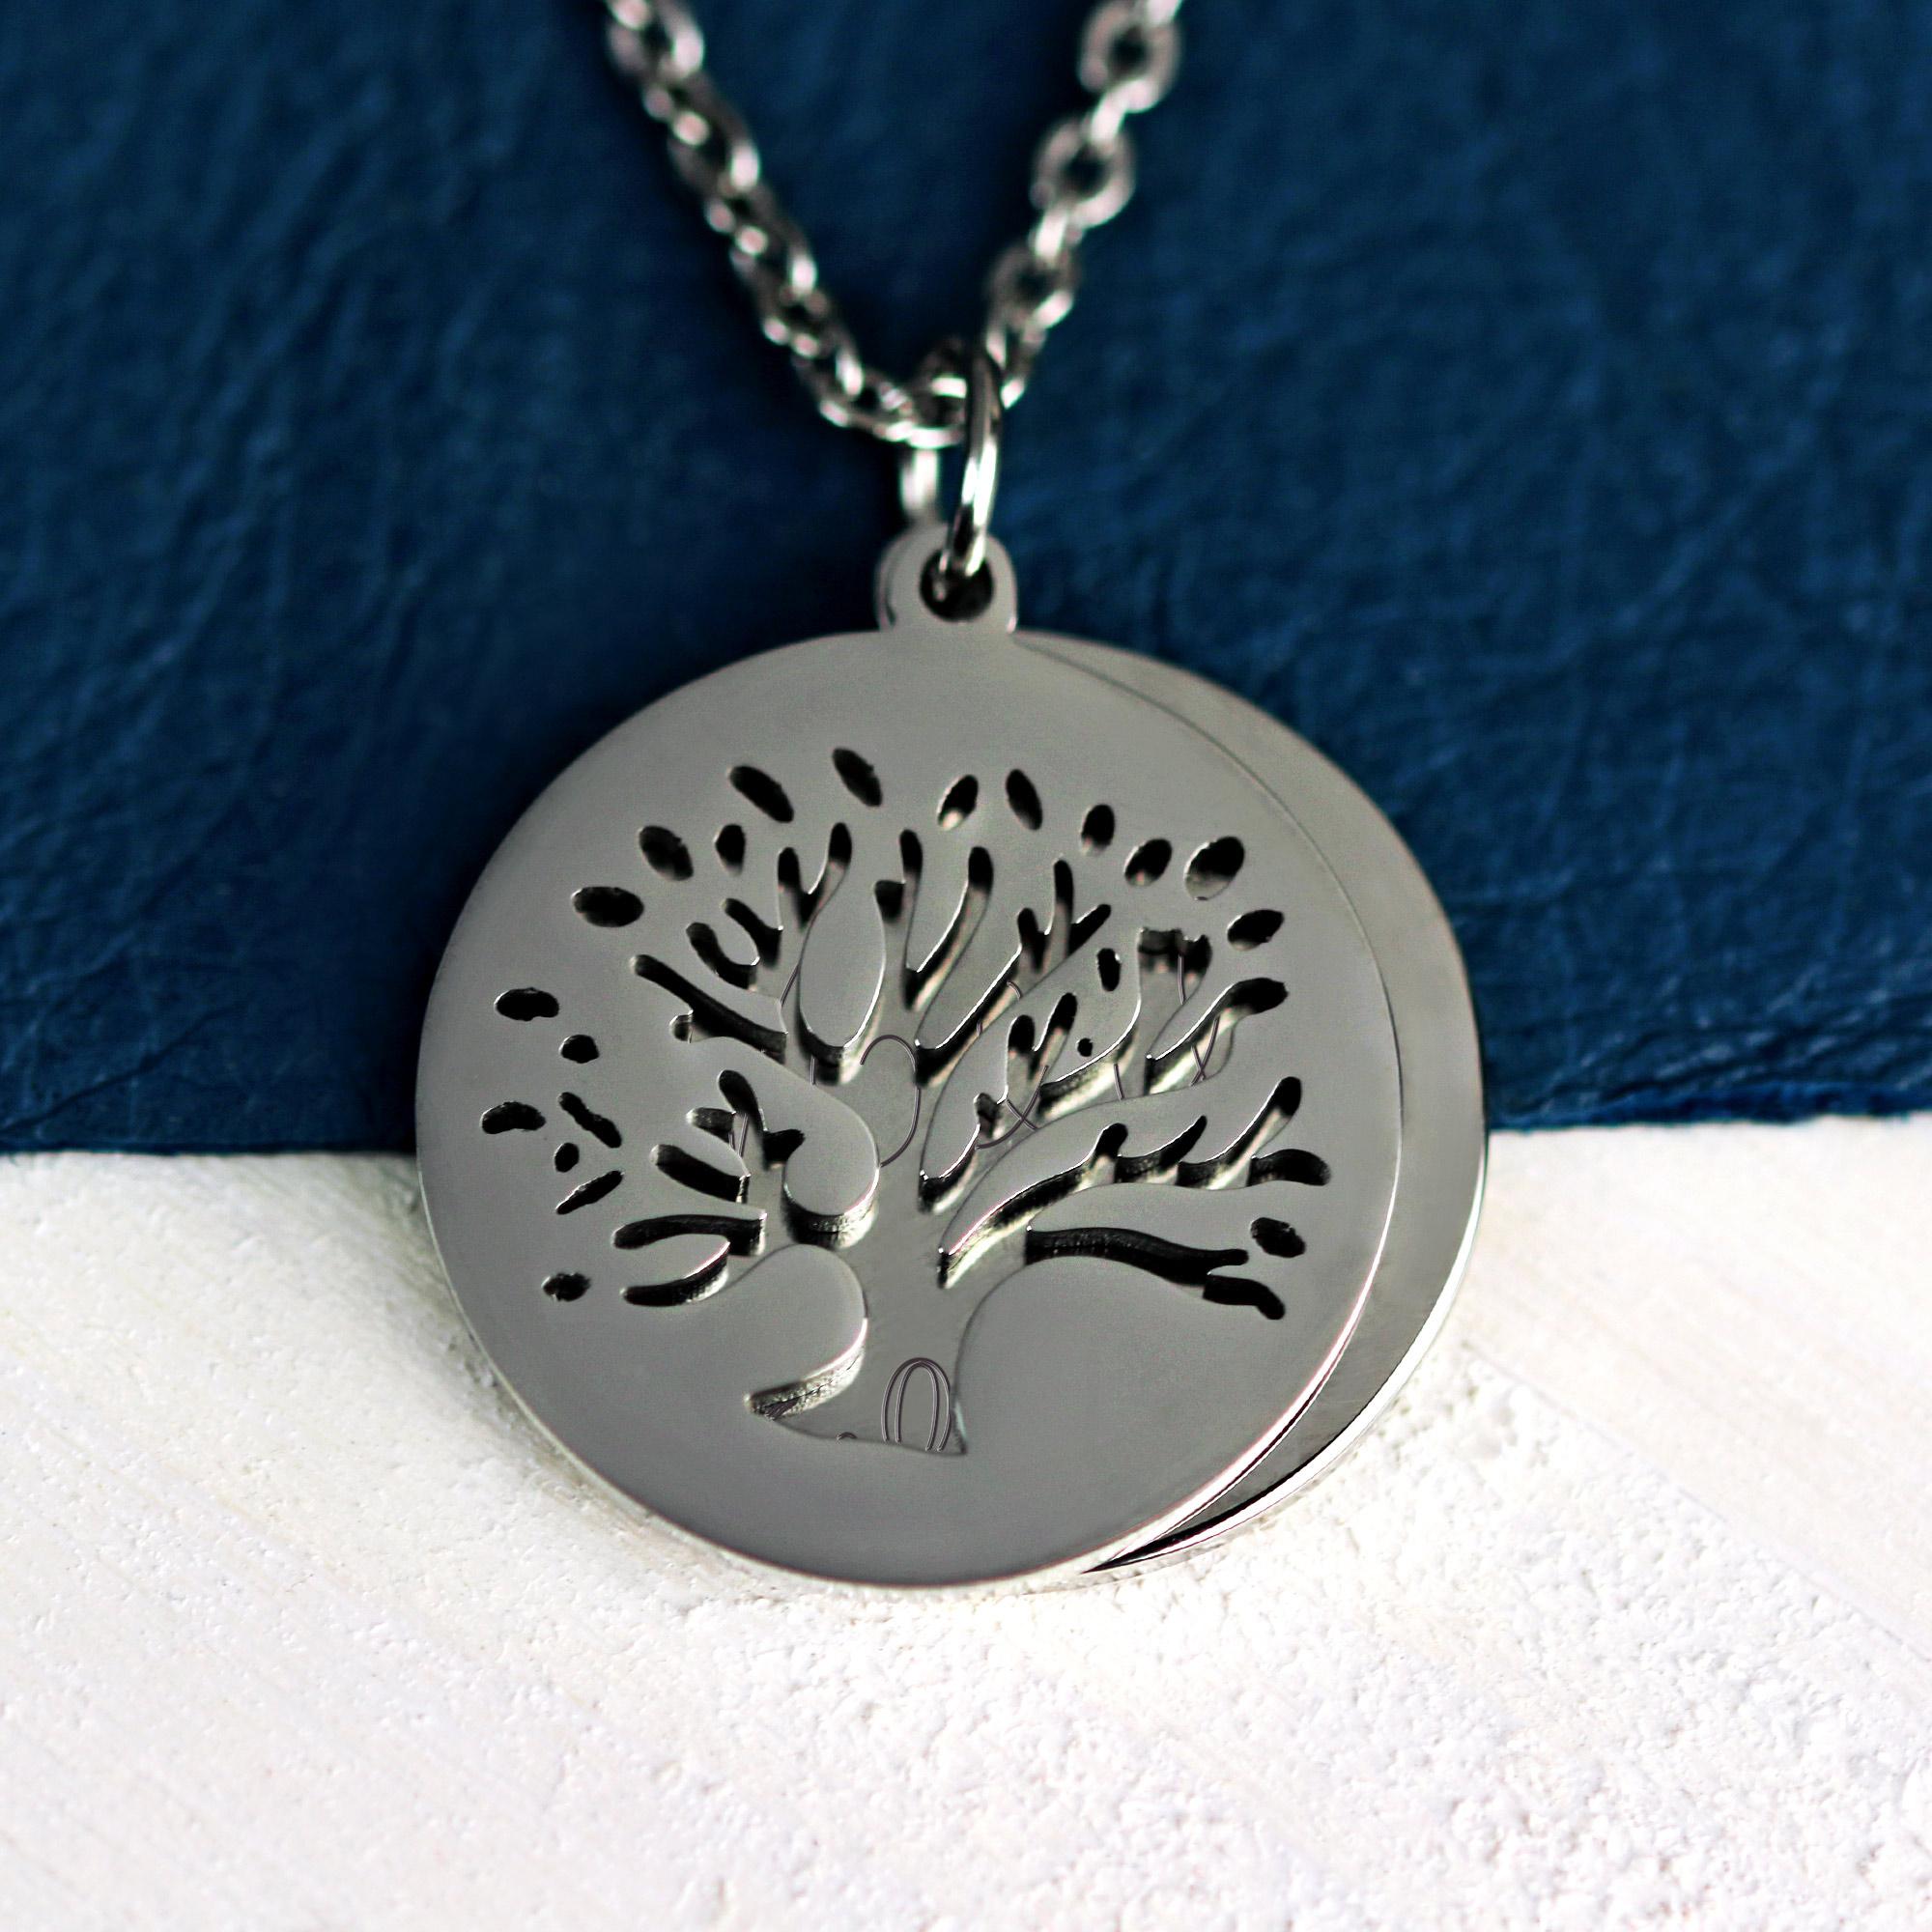 Halskette mit Gravur in Silber - Baum mit Initialen